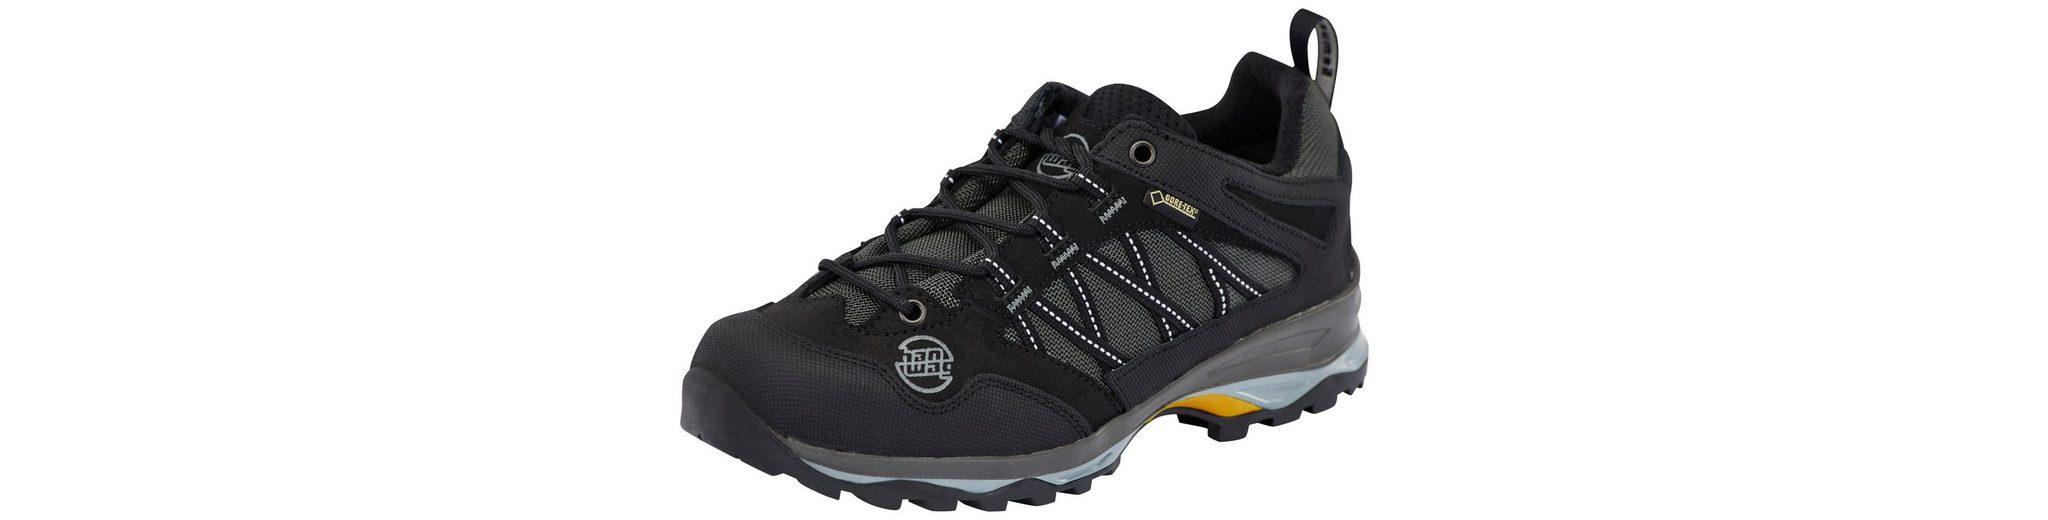 Hanwag Kletterschuh Belorado Low Bunion GTX Trekking Shoes Women